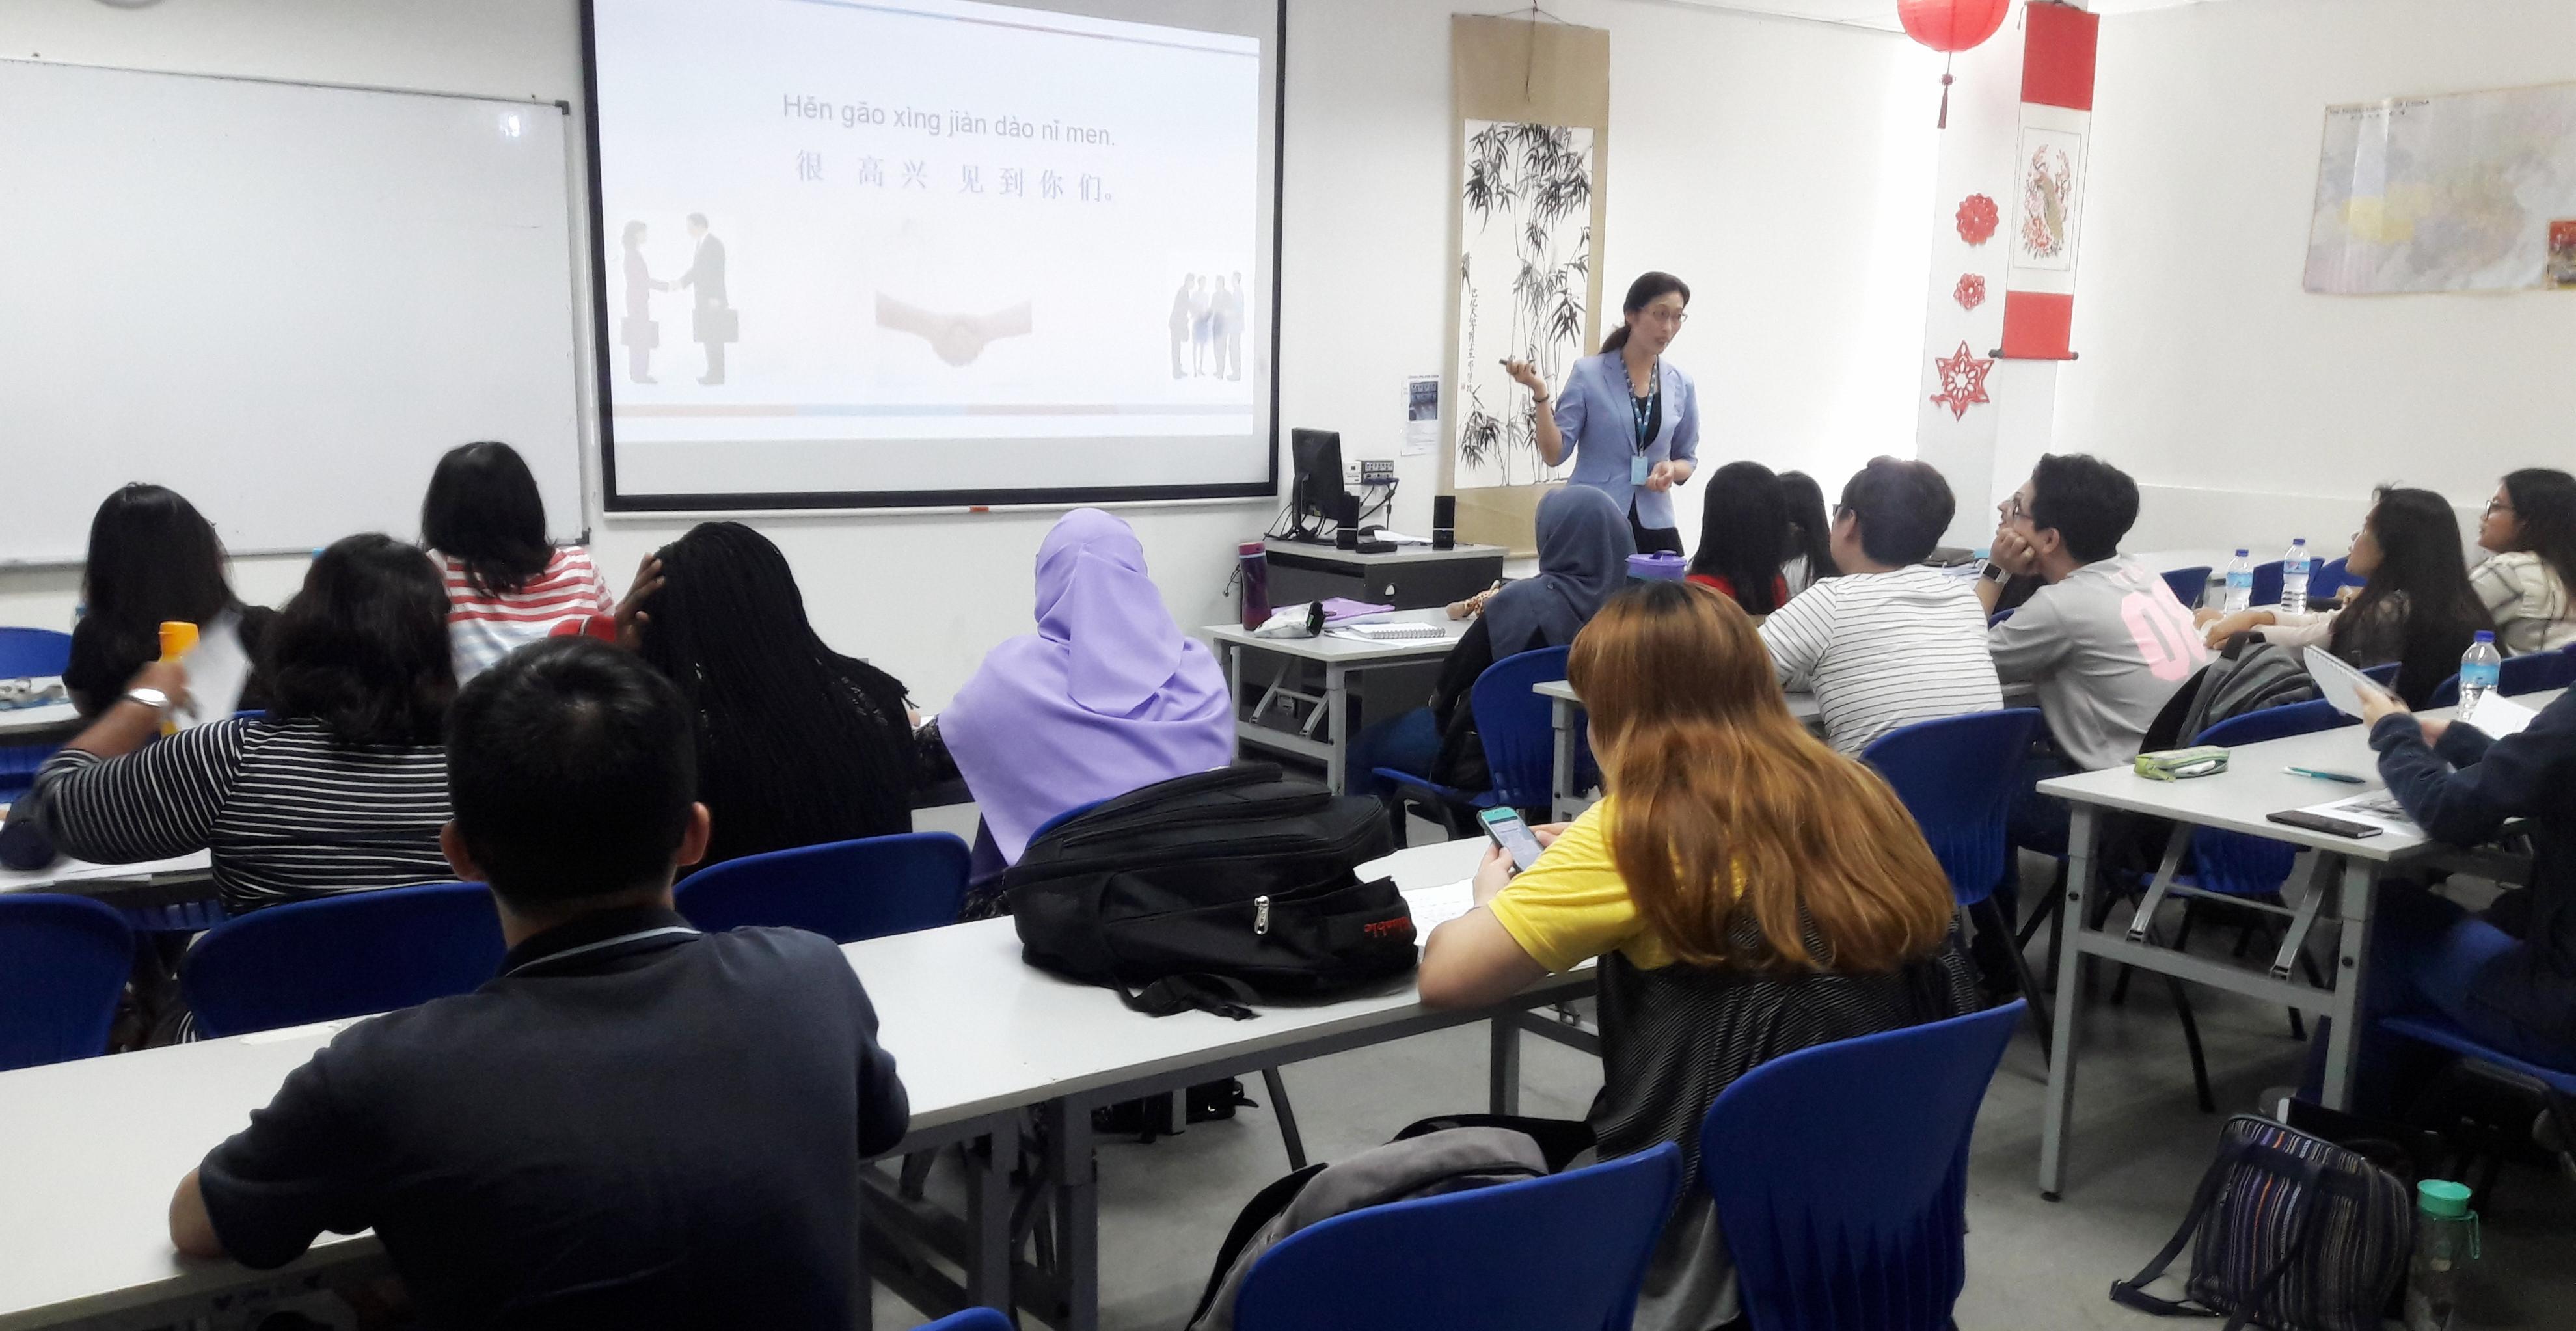 马来西亚世纪大学孔子学院第二期《初级汉语》选修课开班